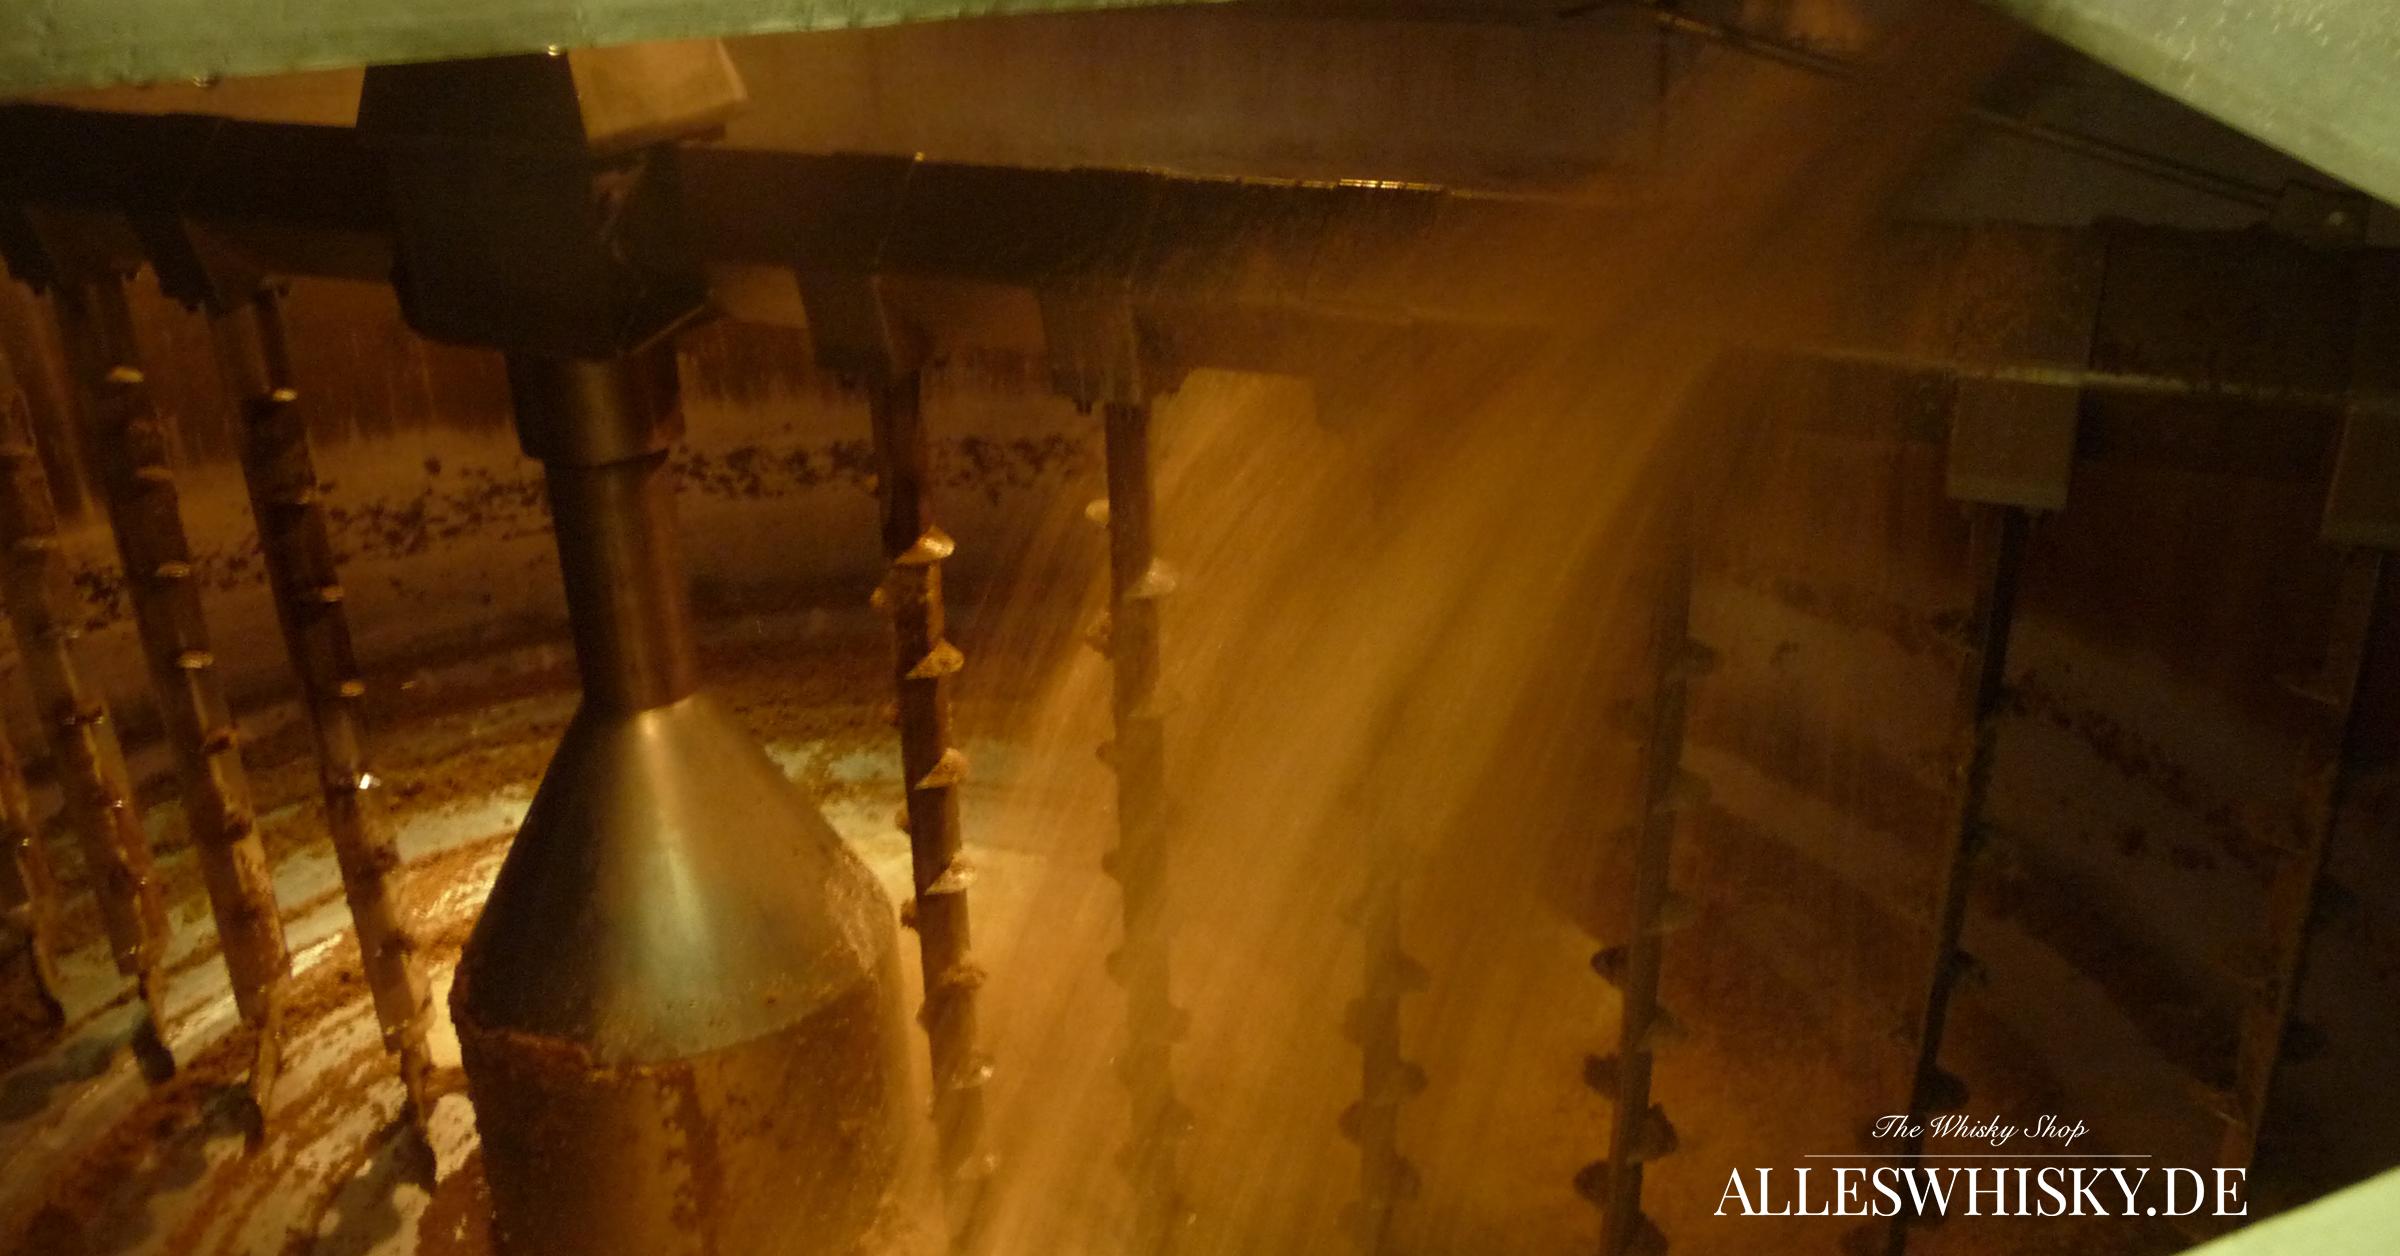 Ardbeg - Der Maischebottich wird befüllt